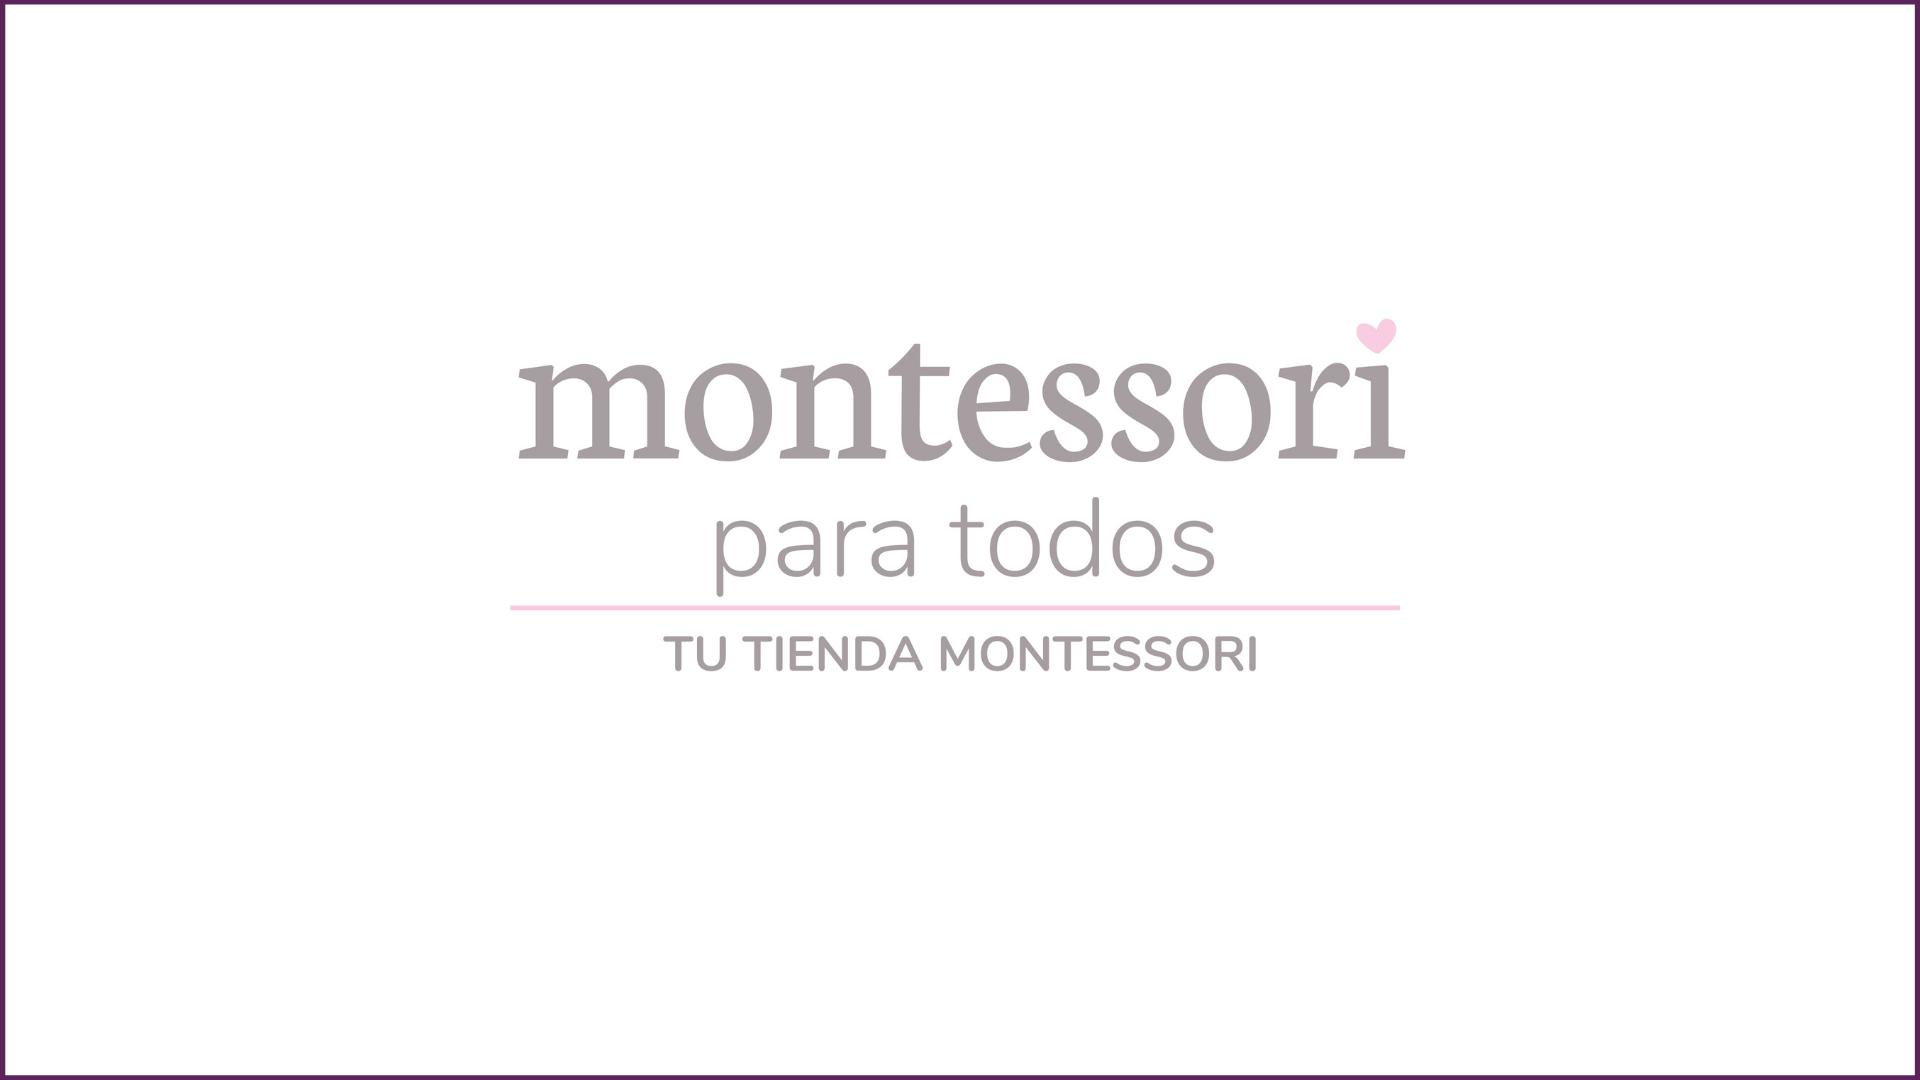 Montessori para todos